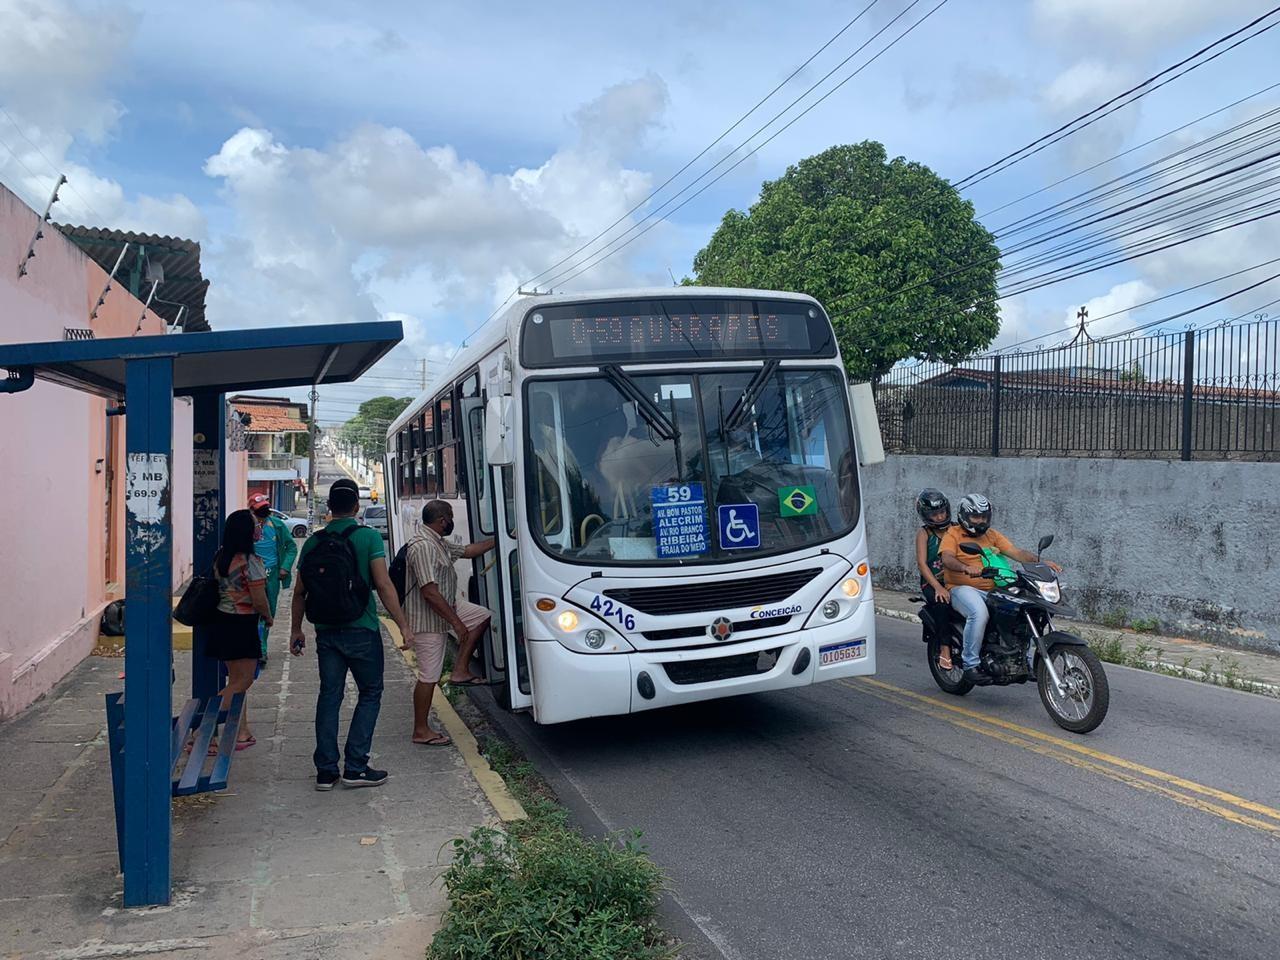 STTU amplia horários e trajetos dos ônibus para atender estudantes do Enem em Natal